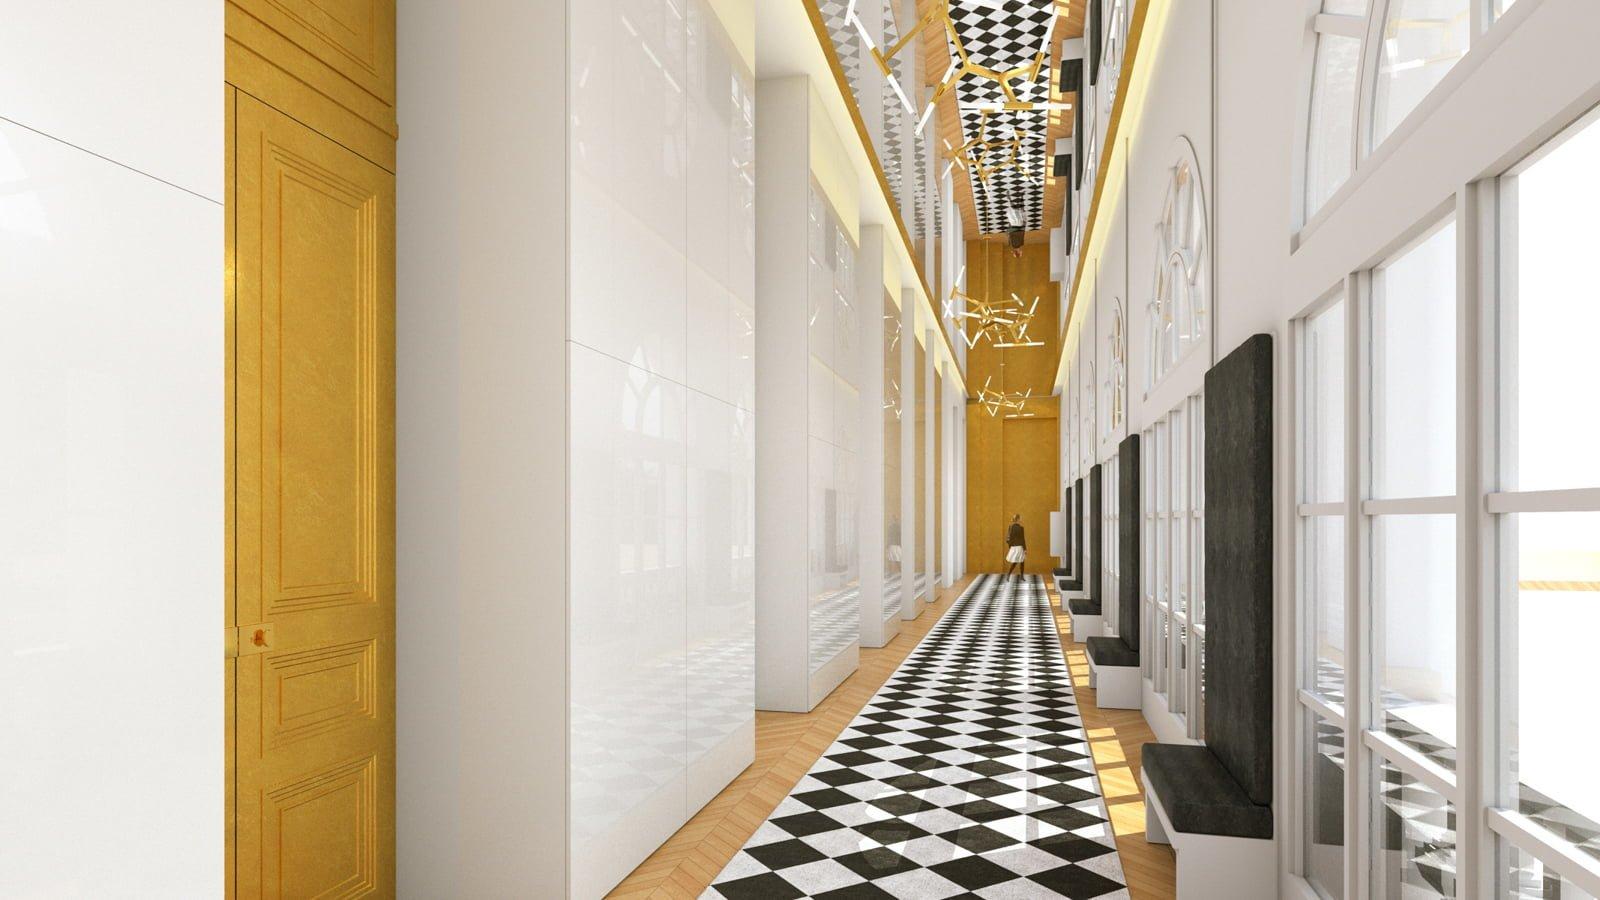 Décoration du siège social de l'Oréal Coiffure par Fabienne Boé de Pirey, Archictecte d'intérieur UFDI à Paris 75